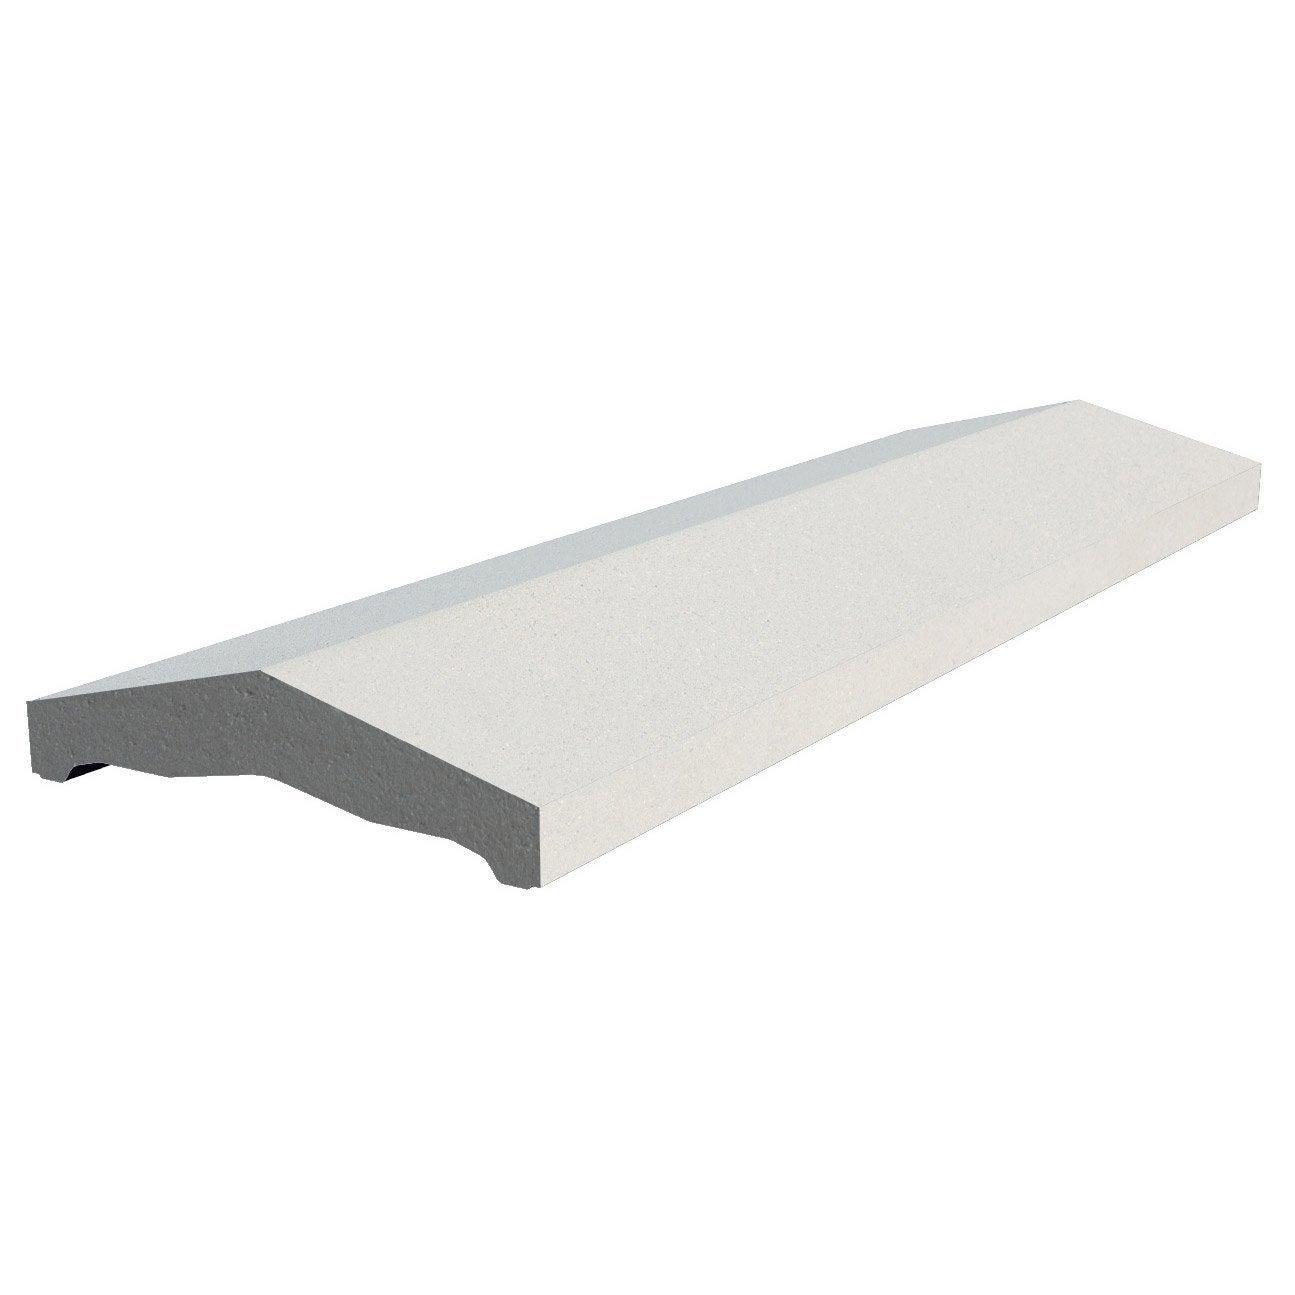 couvre mur 2 pans classique lisse blanc h 4 x x. Black Bedroom Furniture Sets. Home Design Ideas